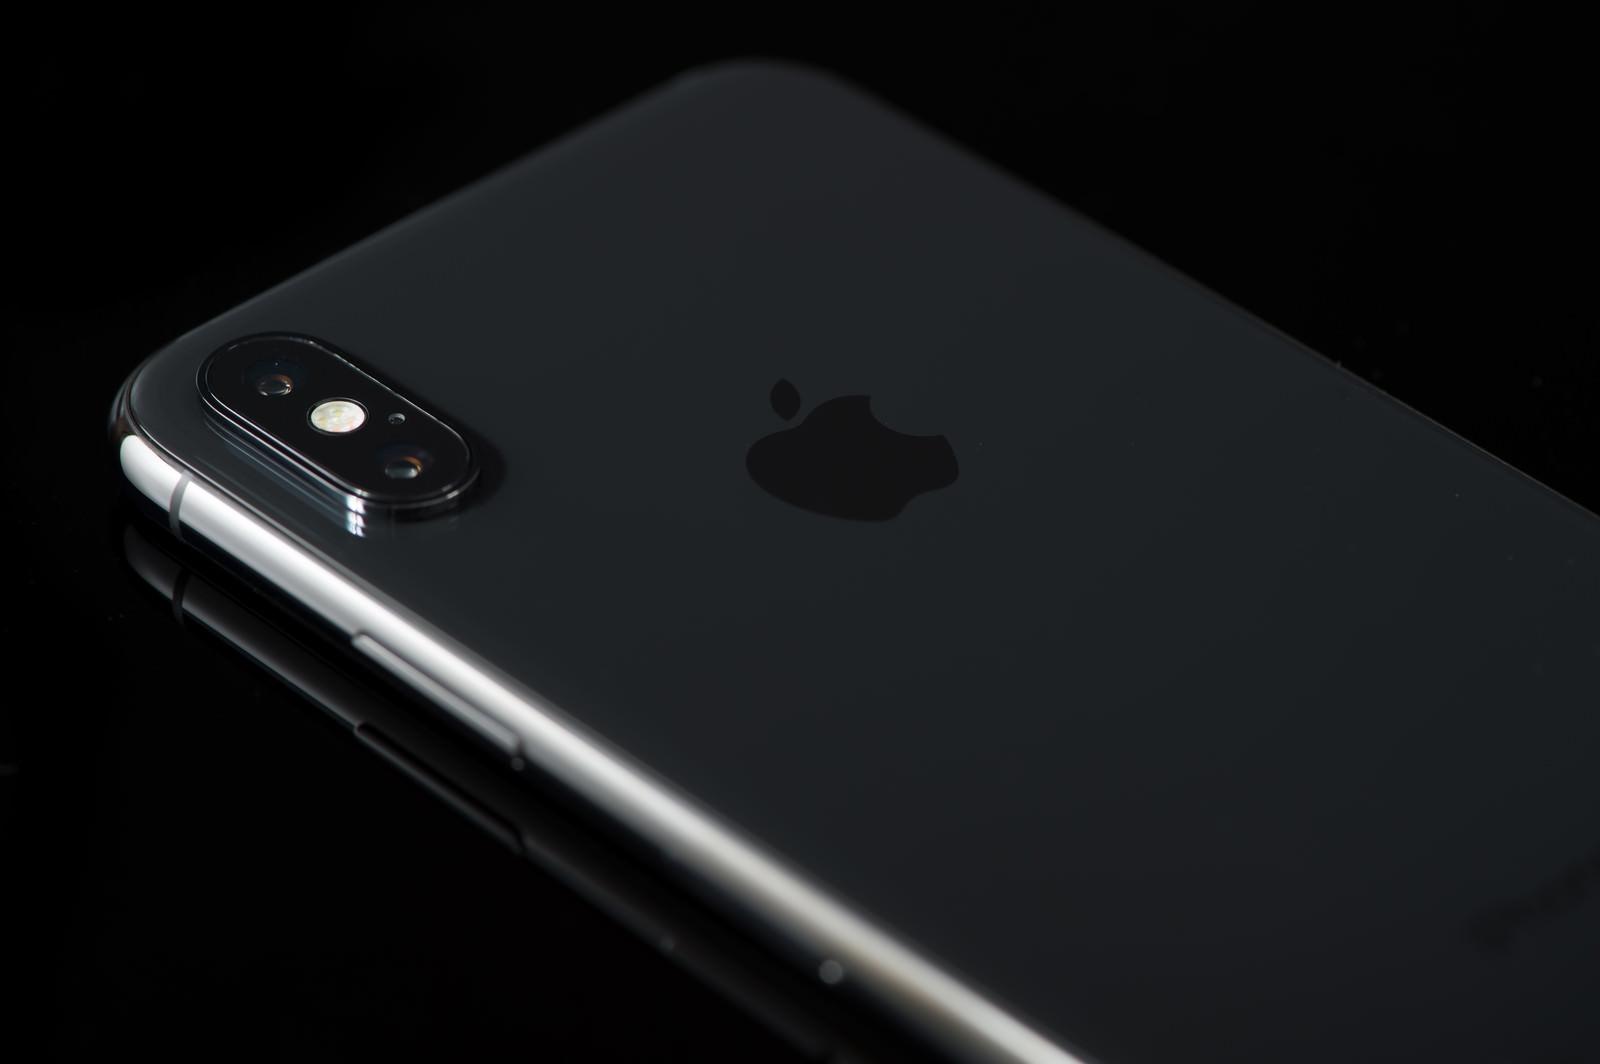 「高級感のある黒いボディ(iPhone X)」の写真